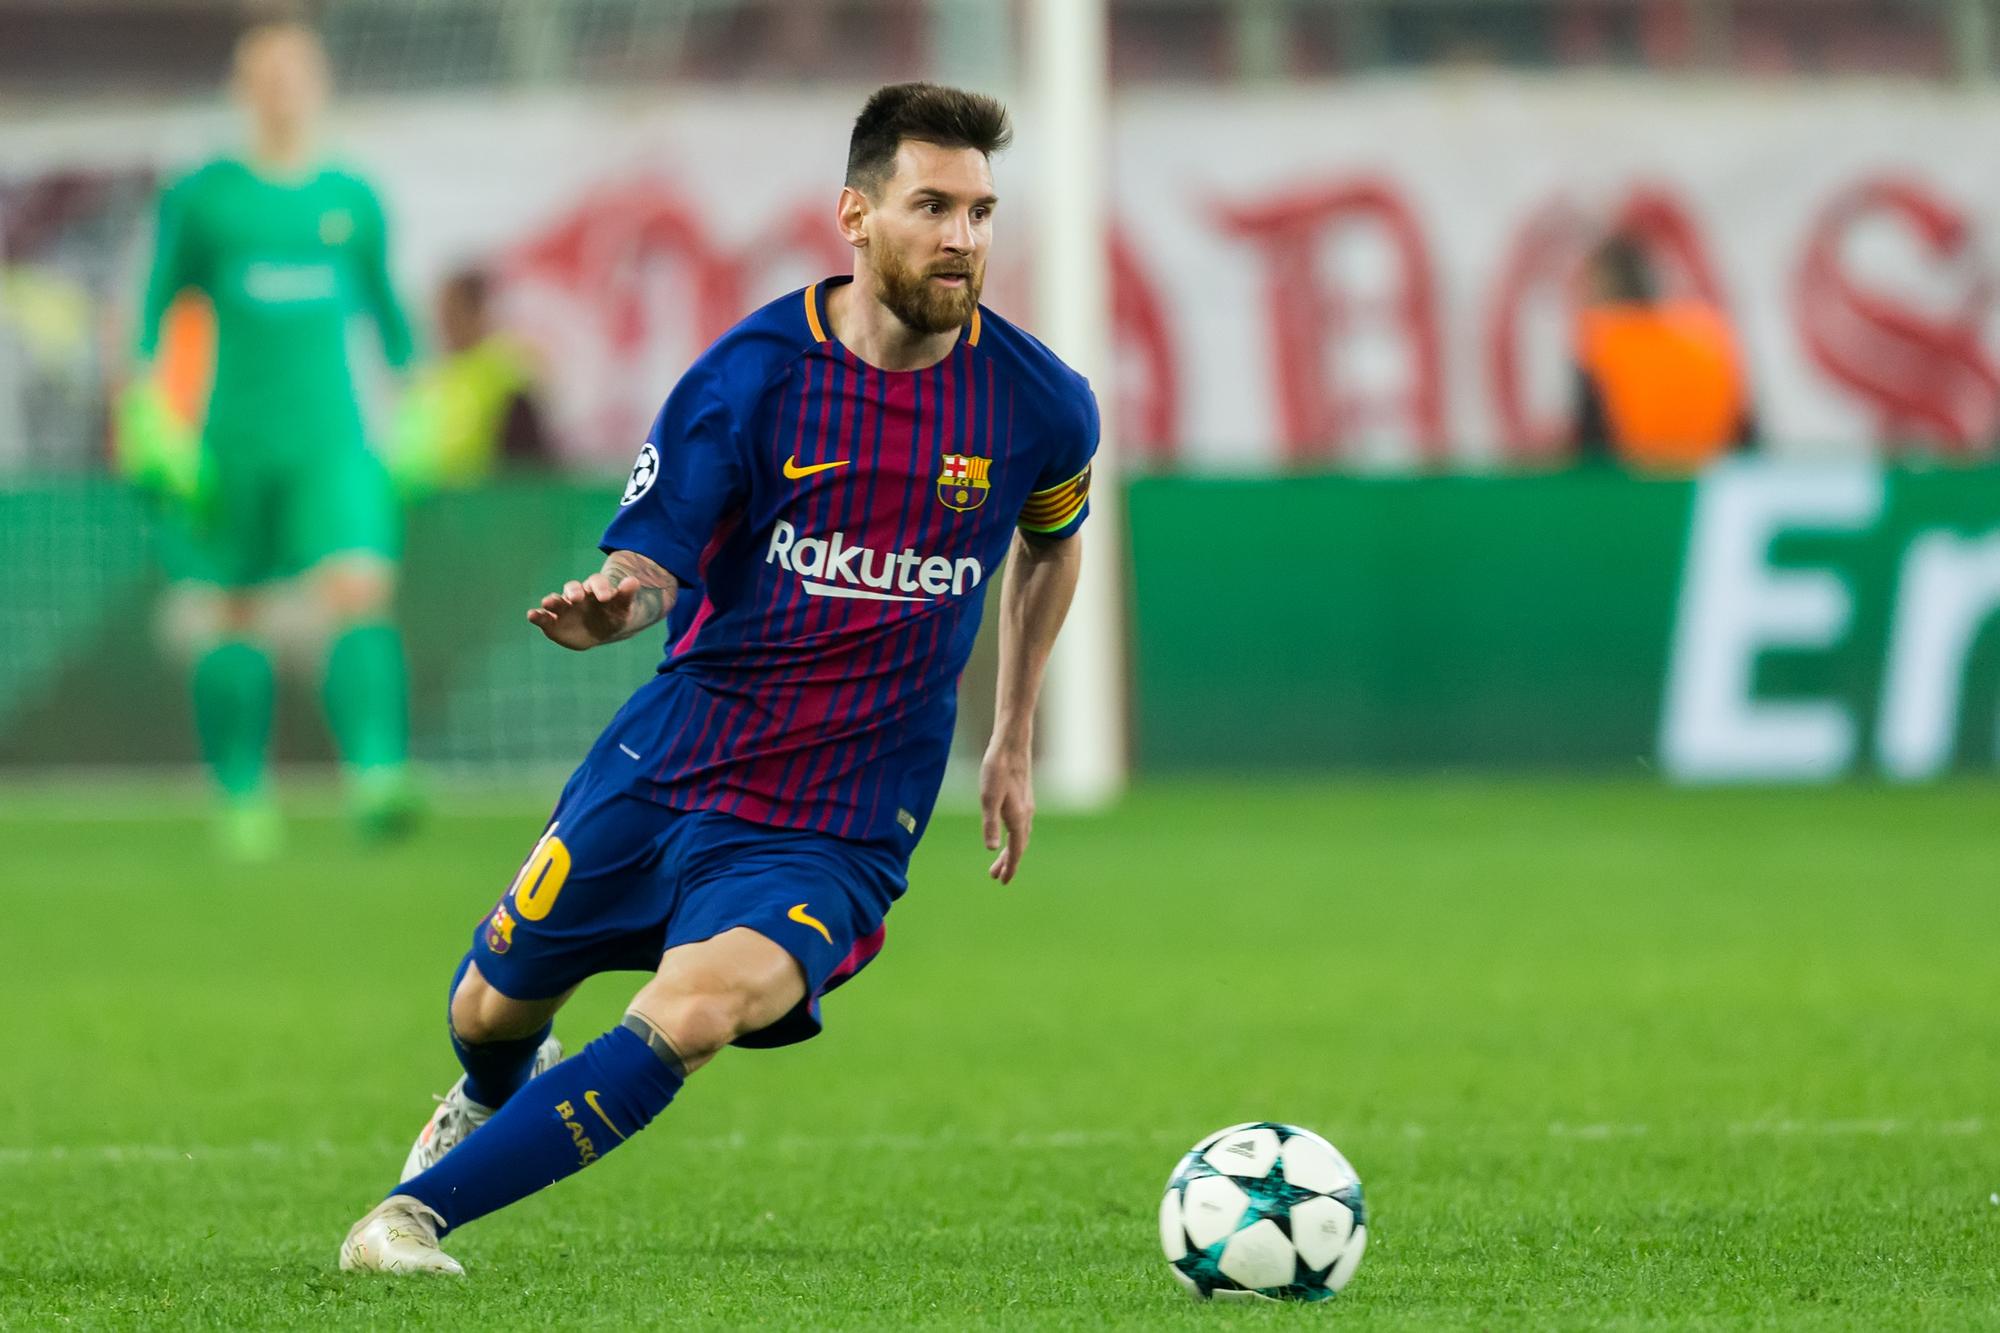 Lionel Messi Champions League Top Scorer